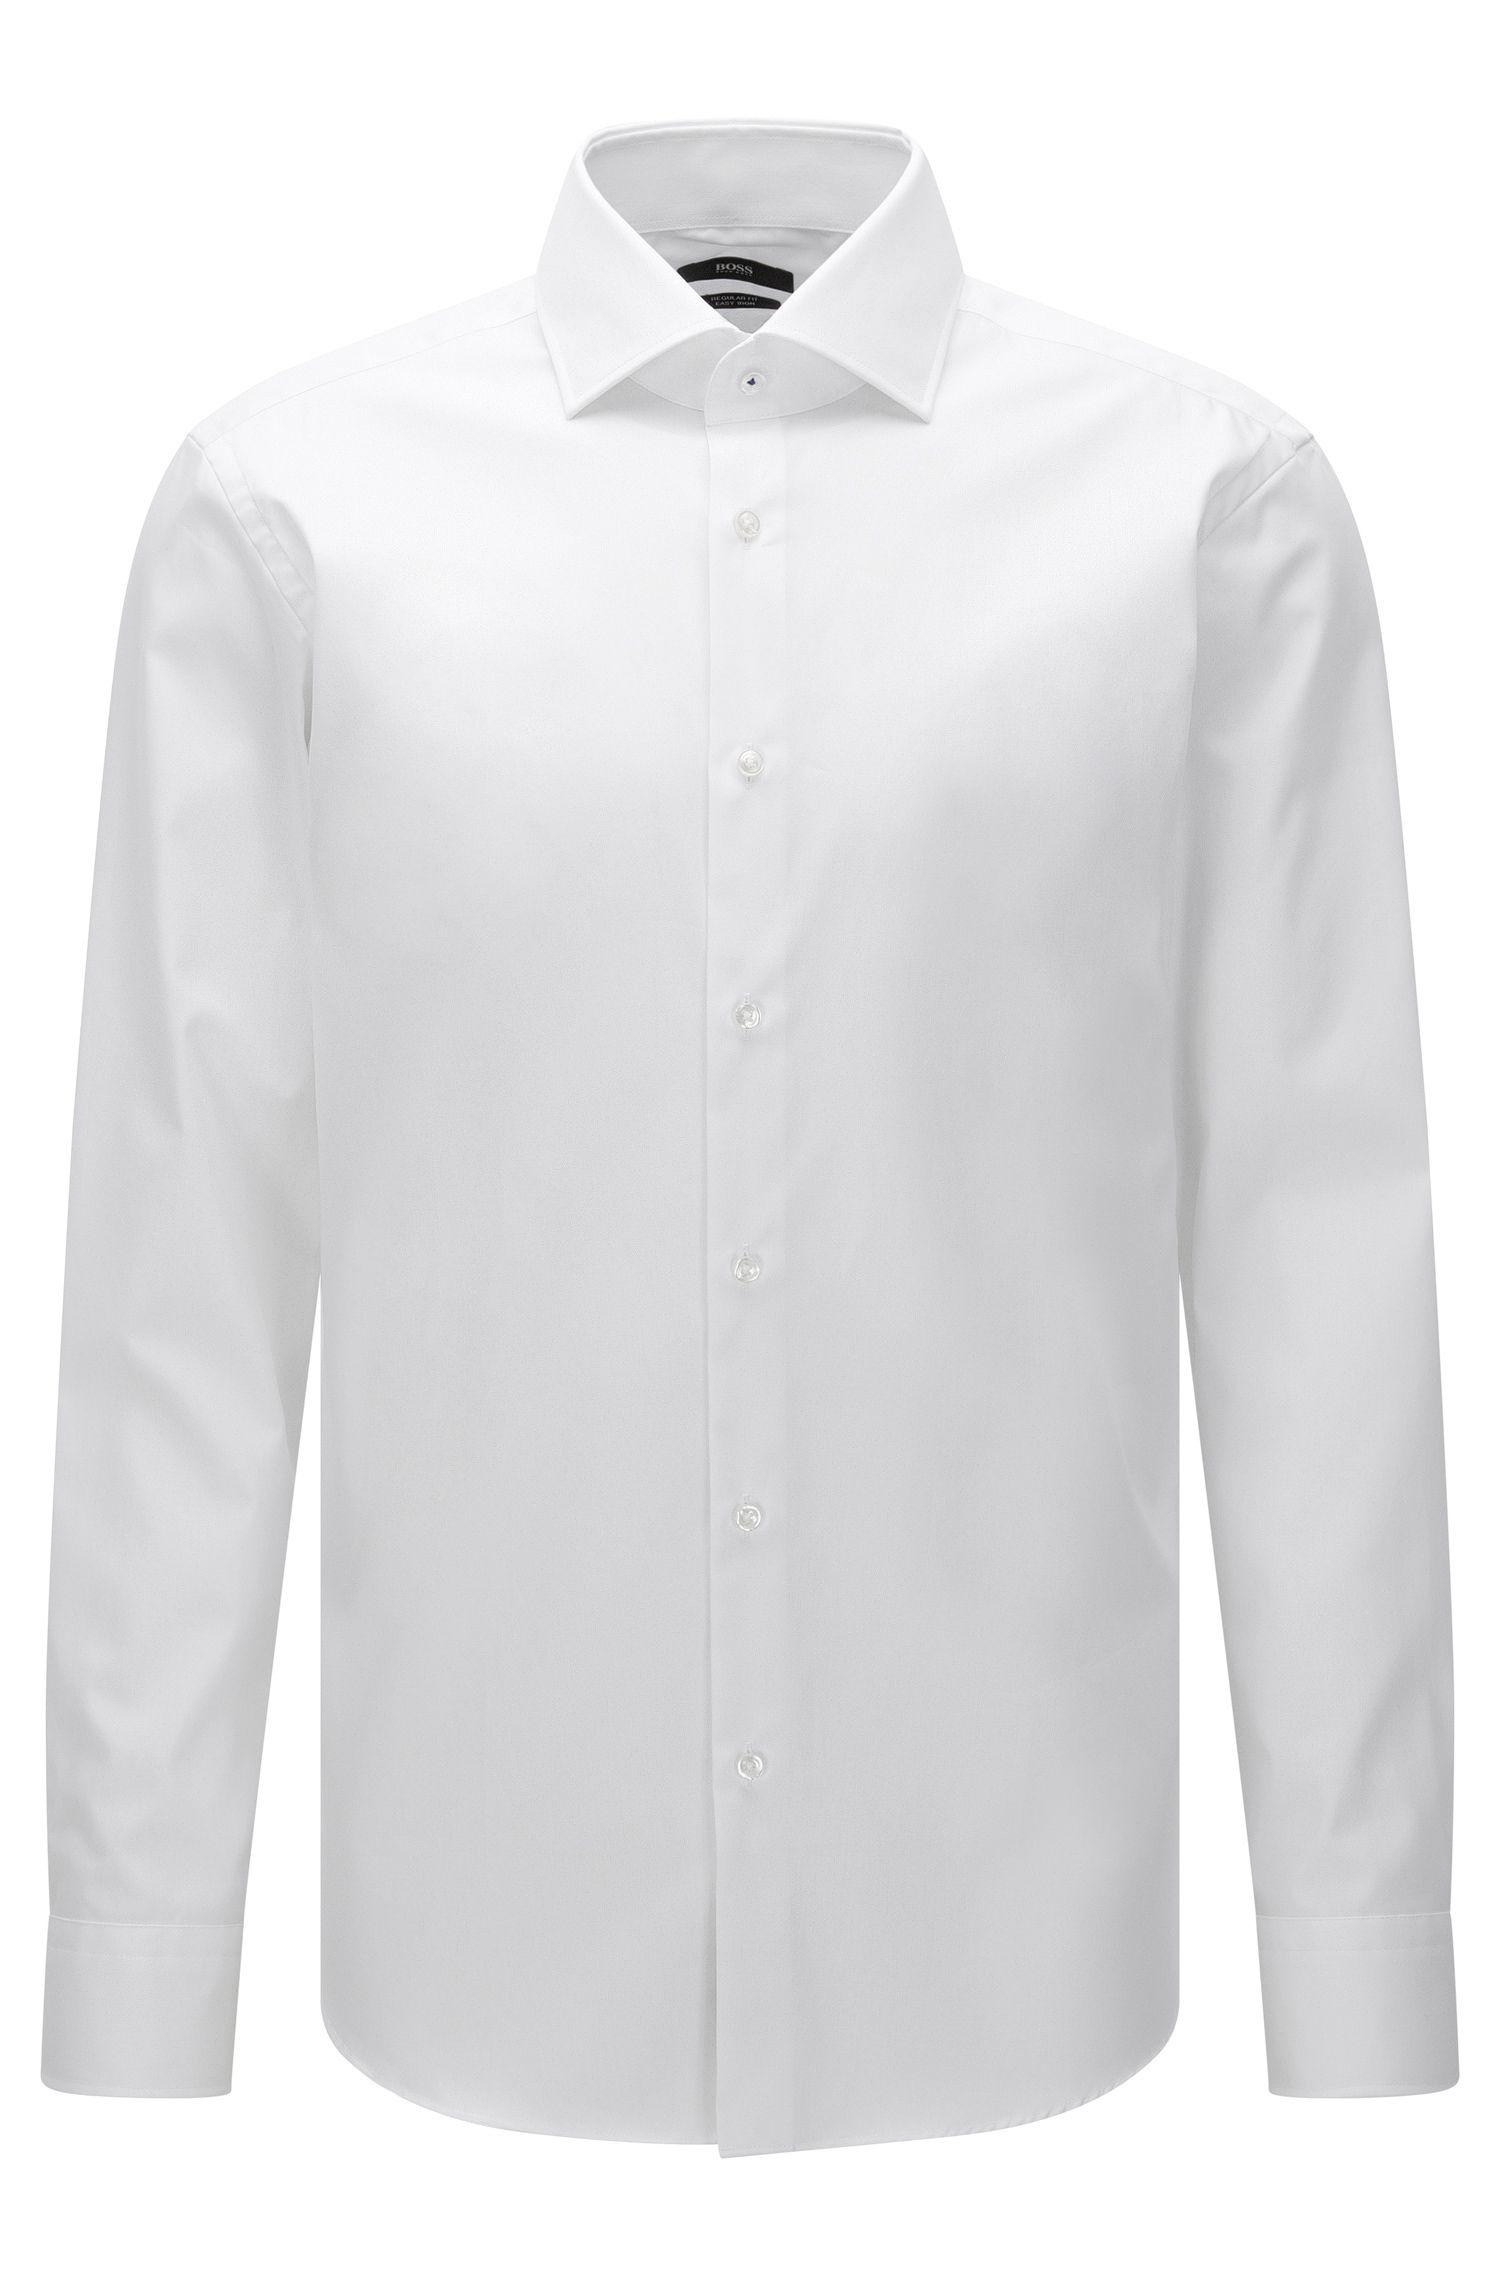 Unifarbenes Regular-Fit Hemd aus bügelleichter Baumwolle: 'Gert'